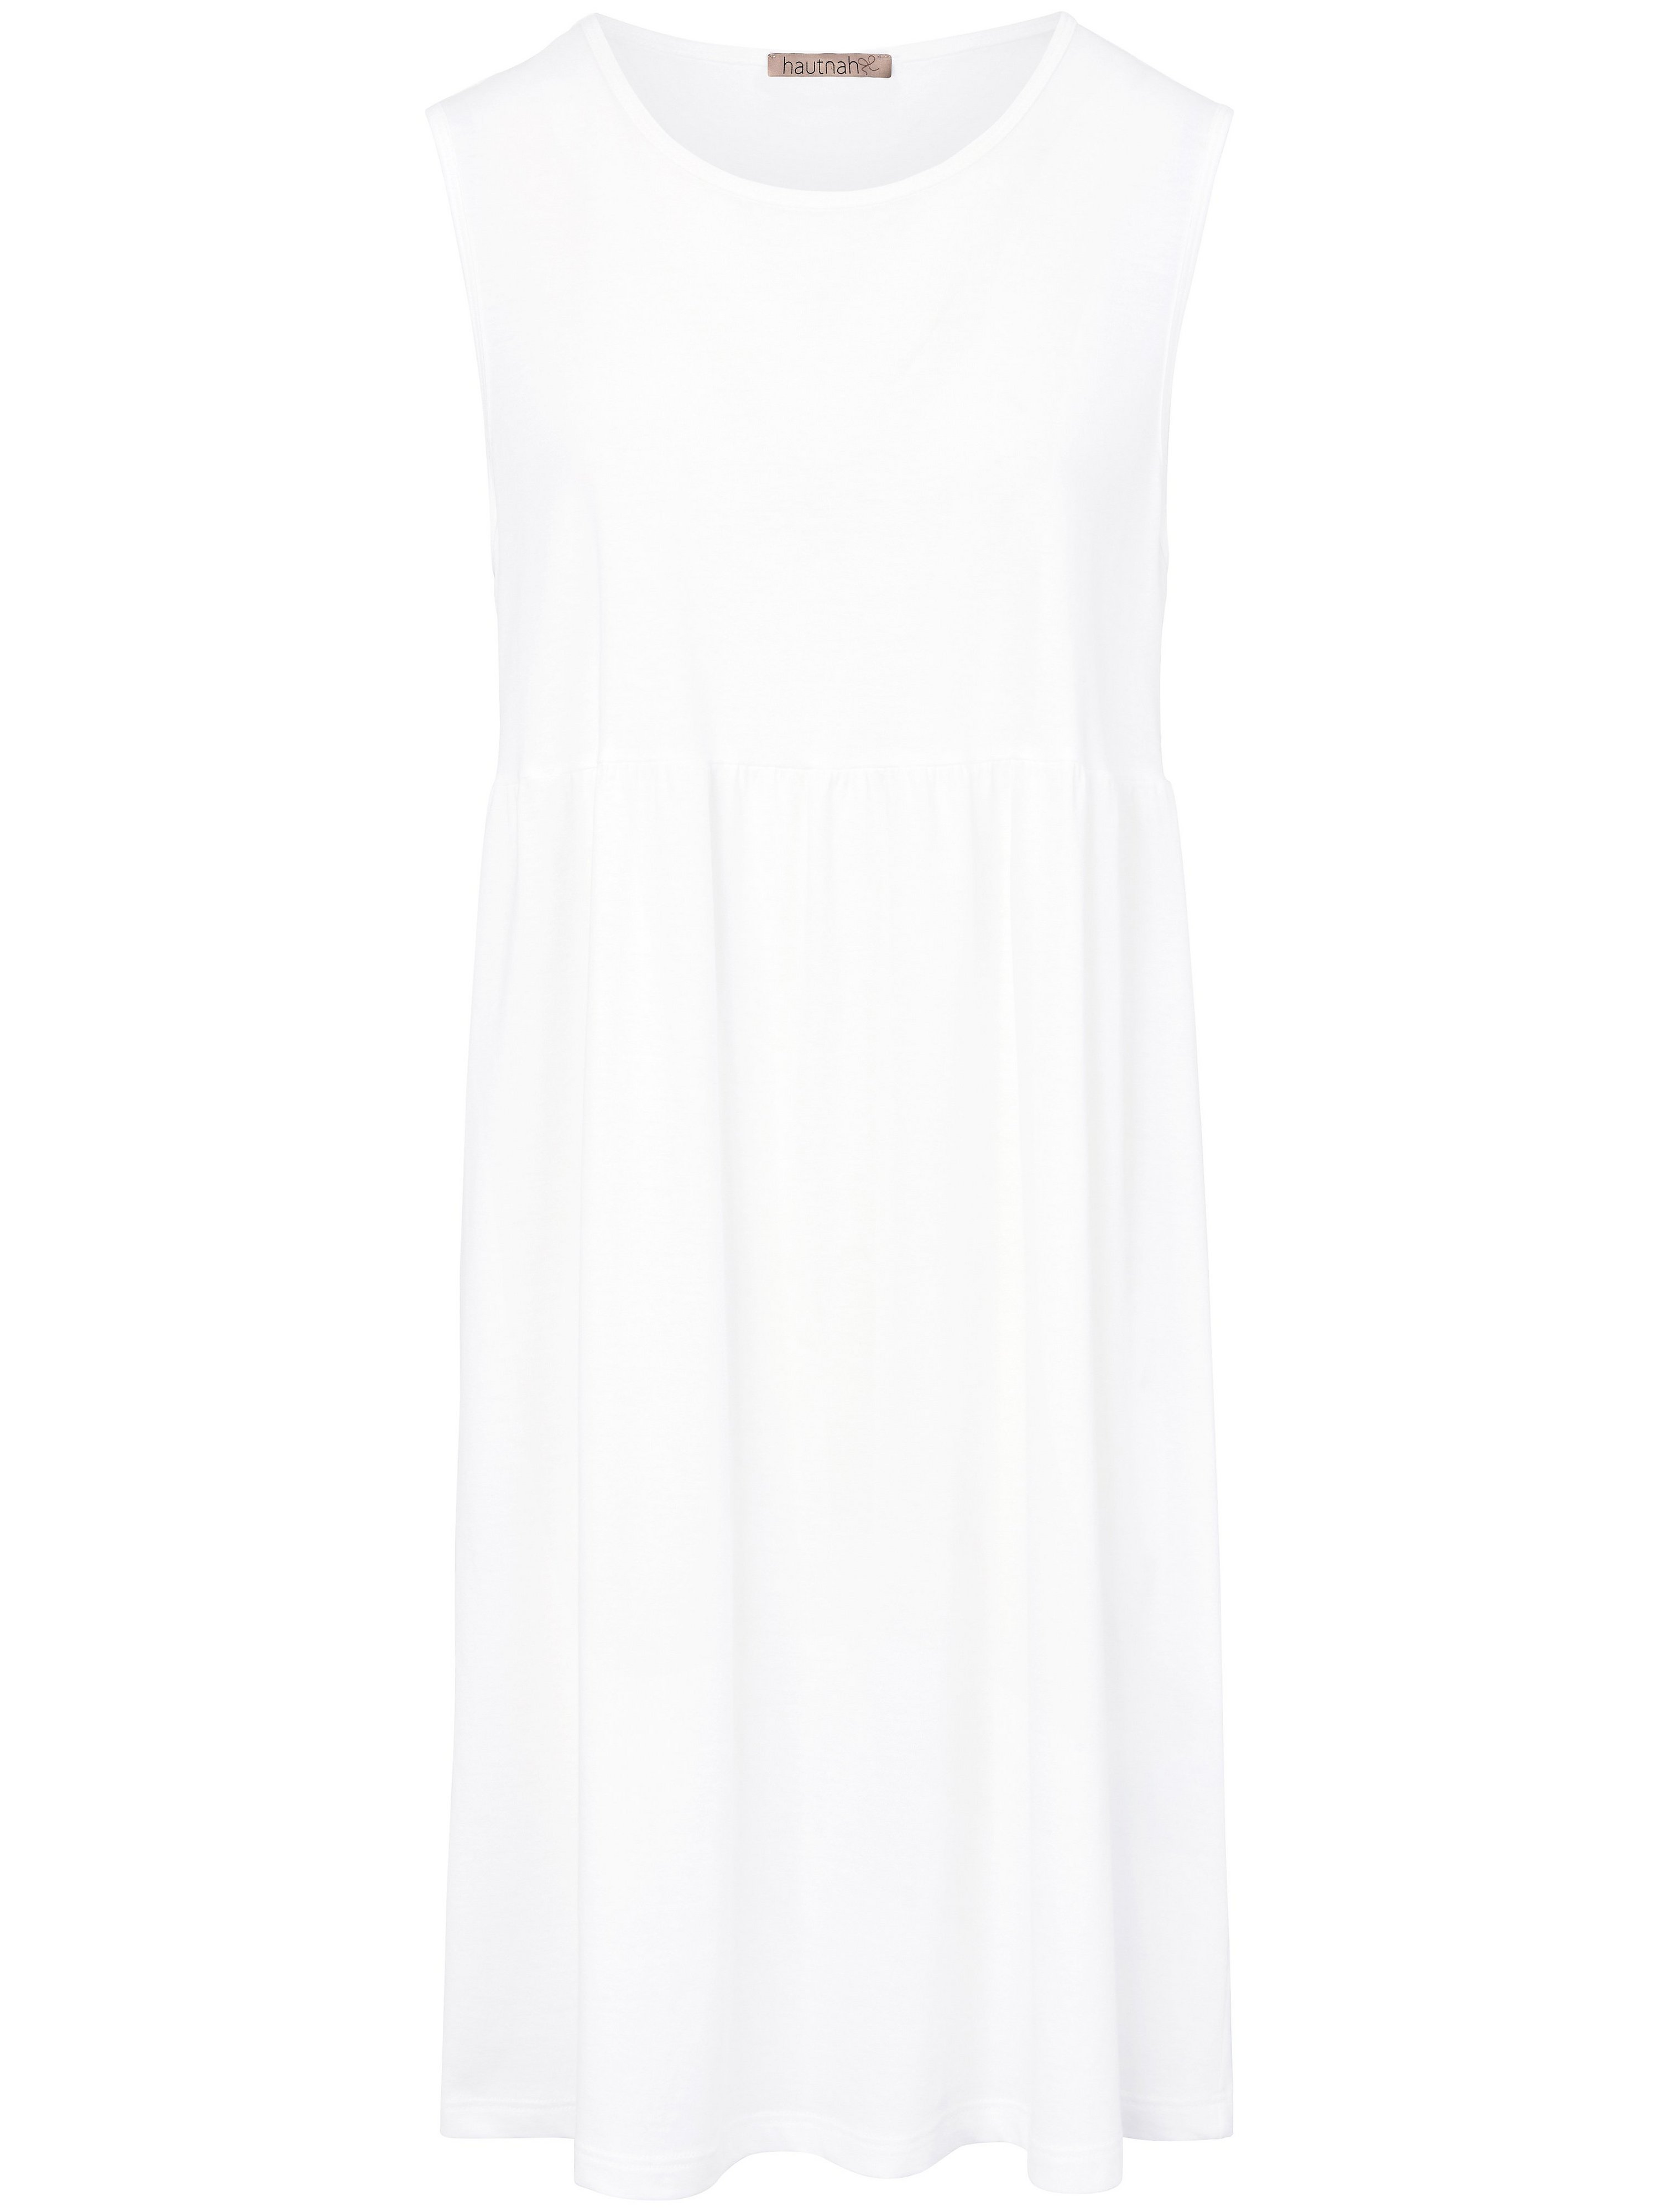 Mouwloos nachthemd van 100% katoen Van Hautnah wit